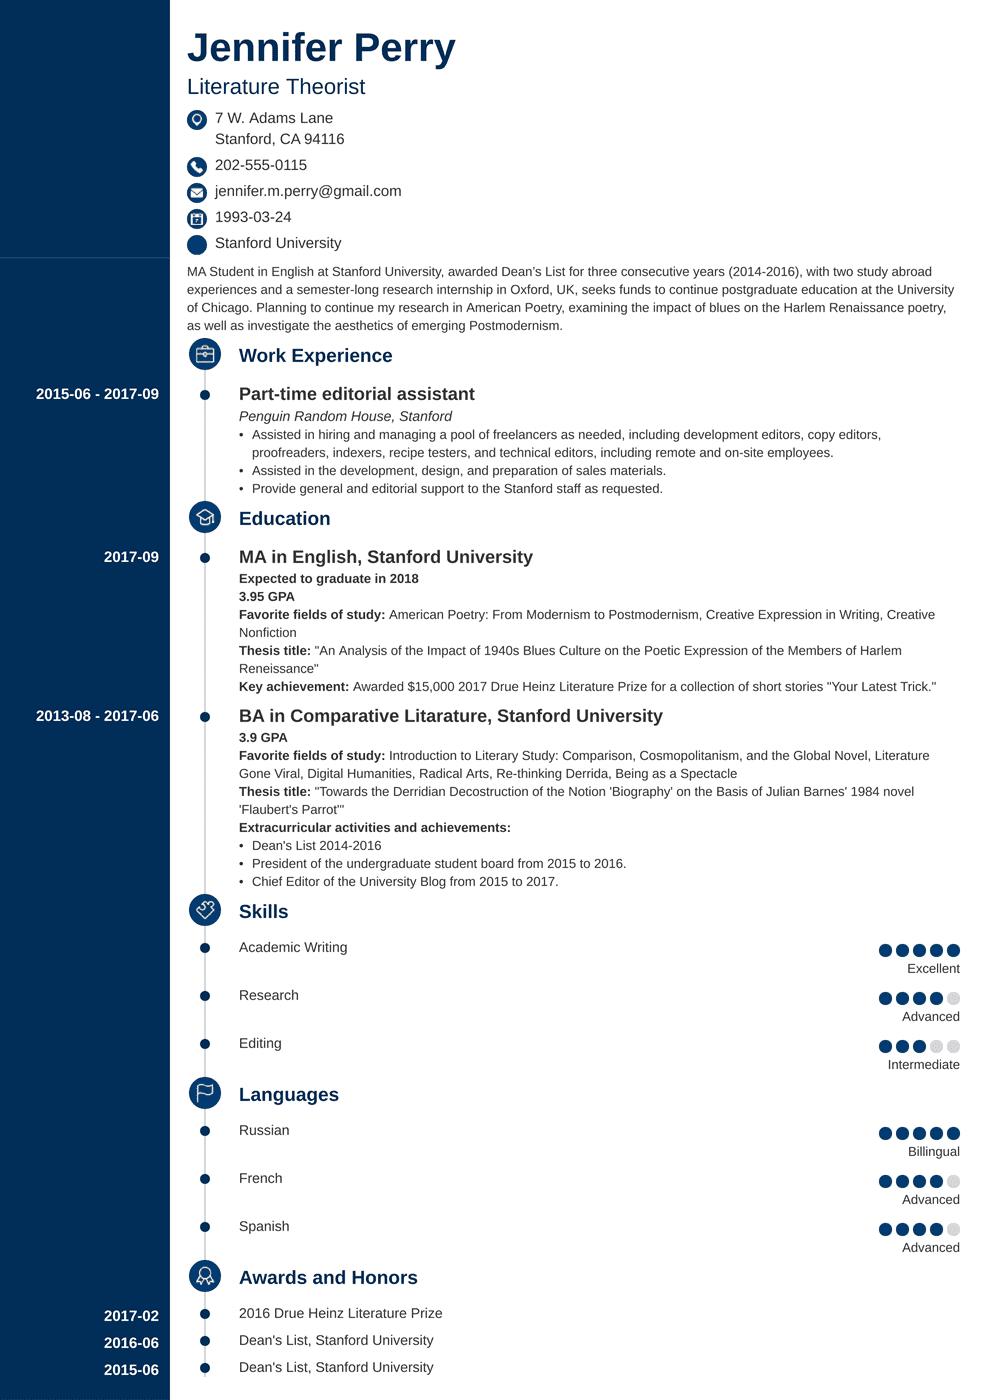 10+ Contoh CV Lamaran Kerja yang Baik & Menarik HRD [+File Doc] on